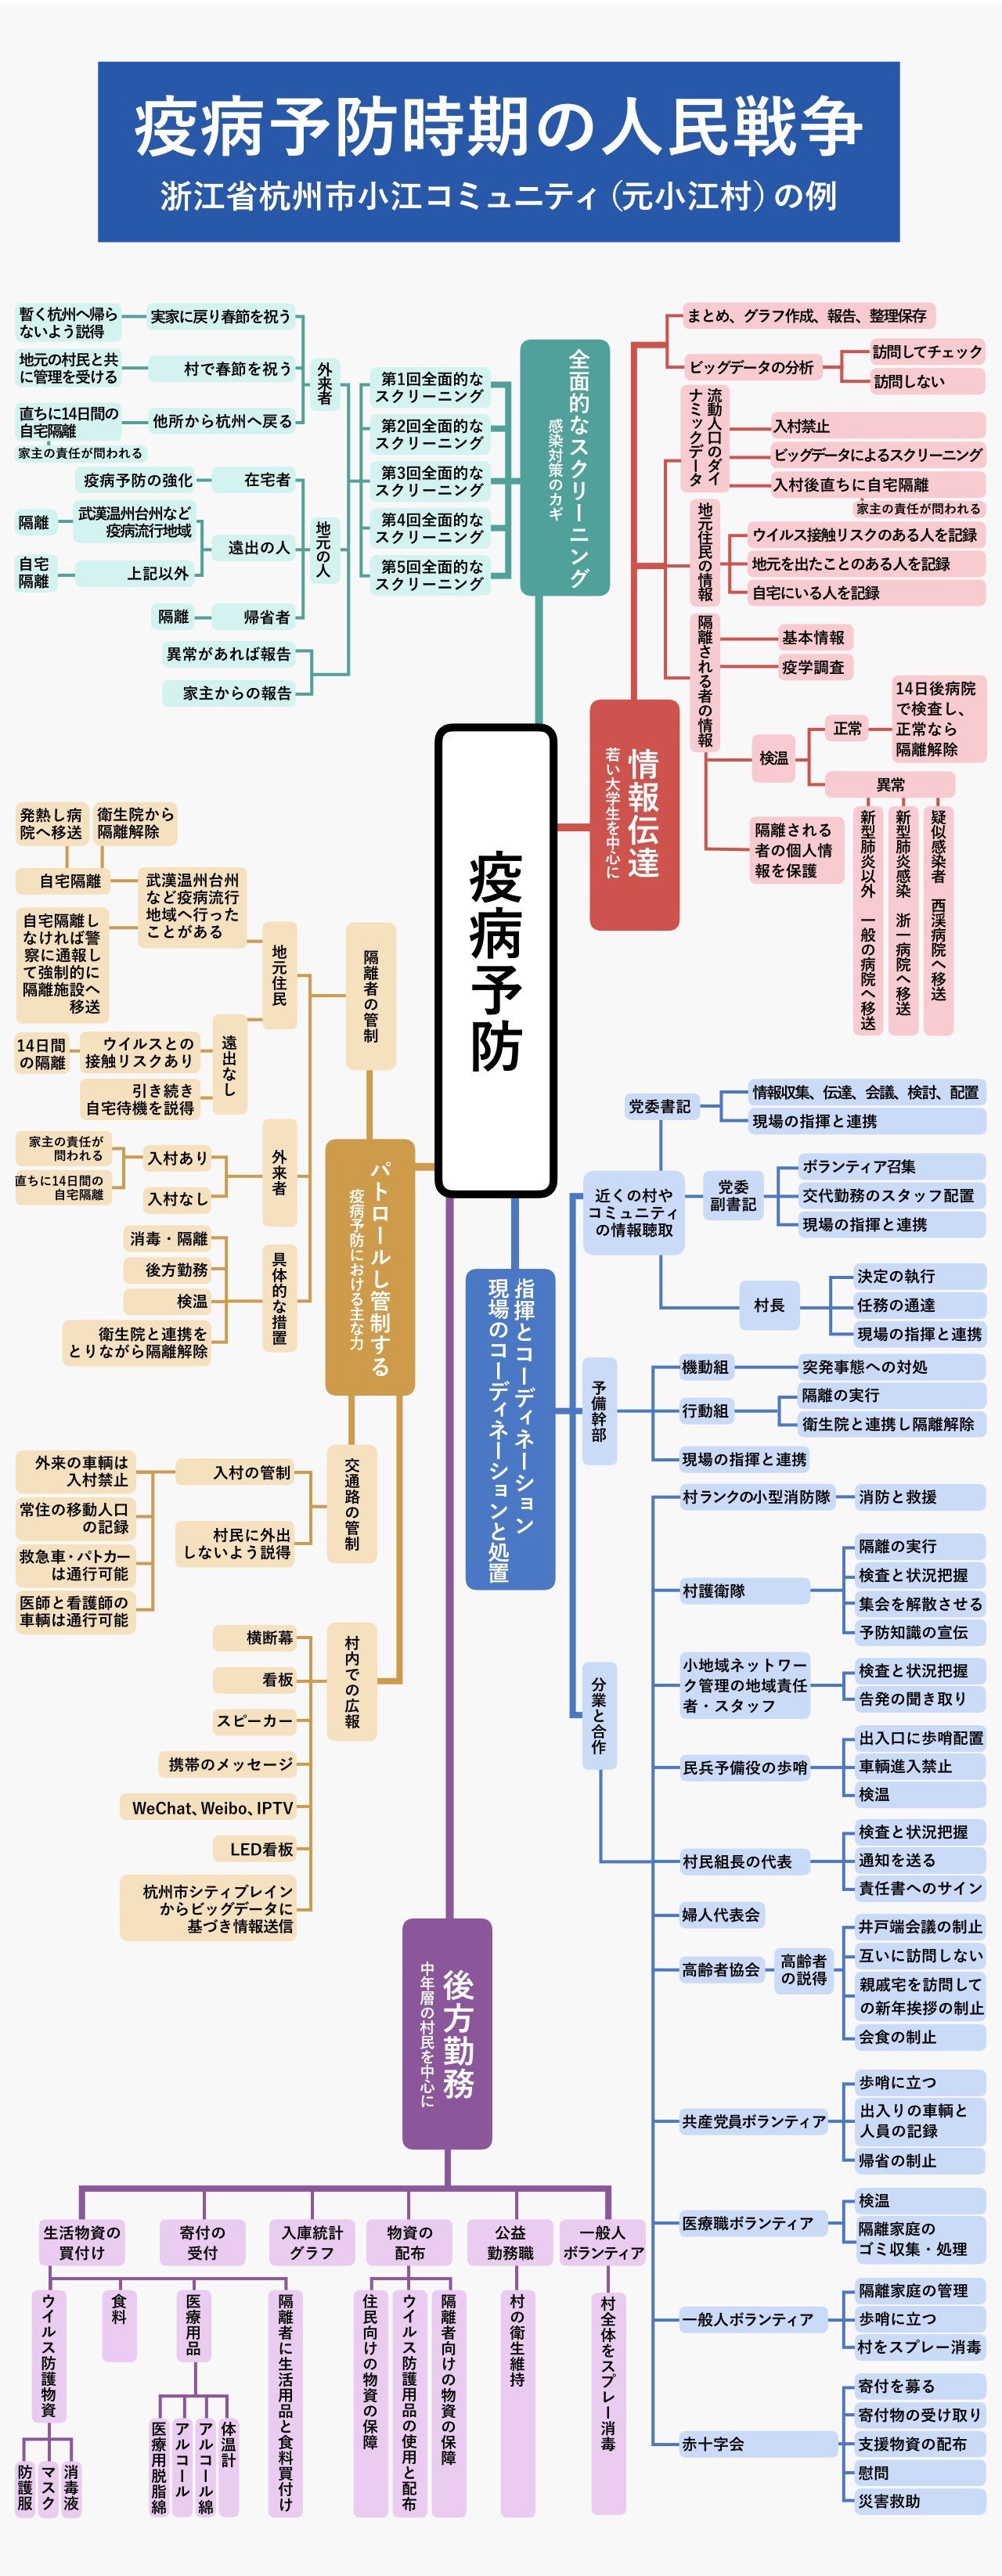 小江社区が作成した対策マップ